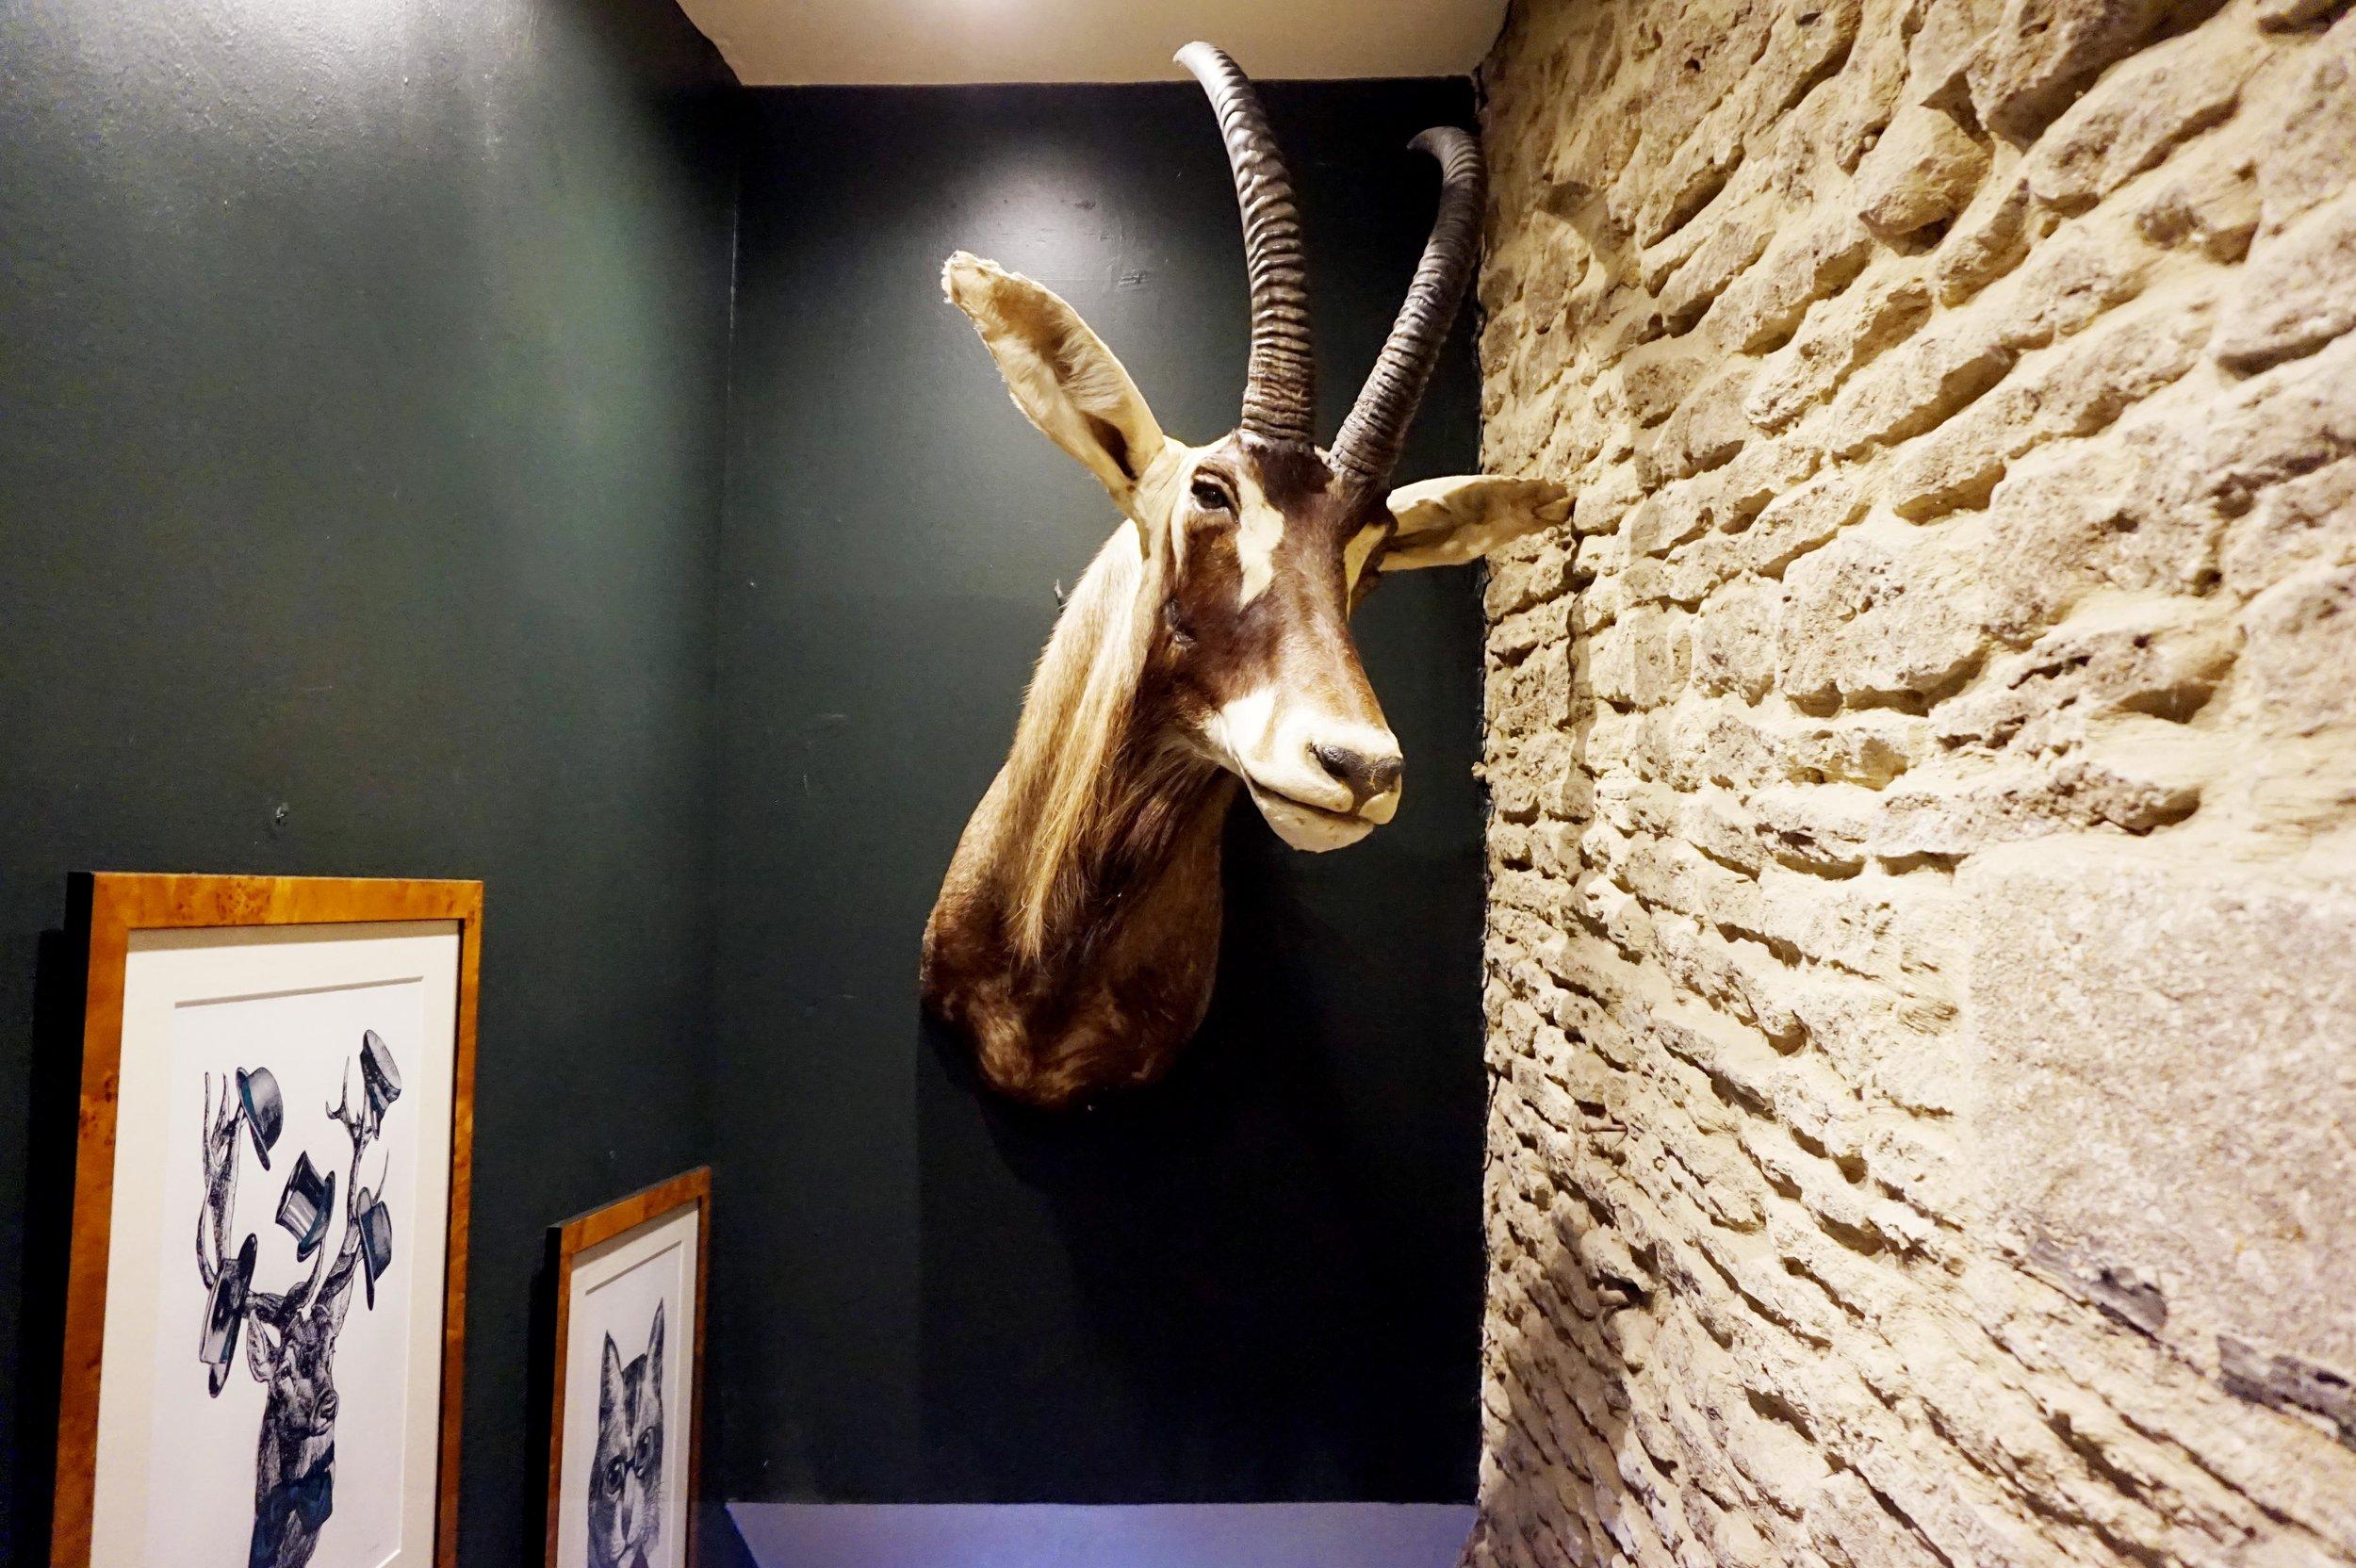 bynoelle-the-plough-inn-kelmscott-hotel-review12